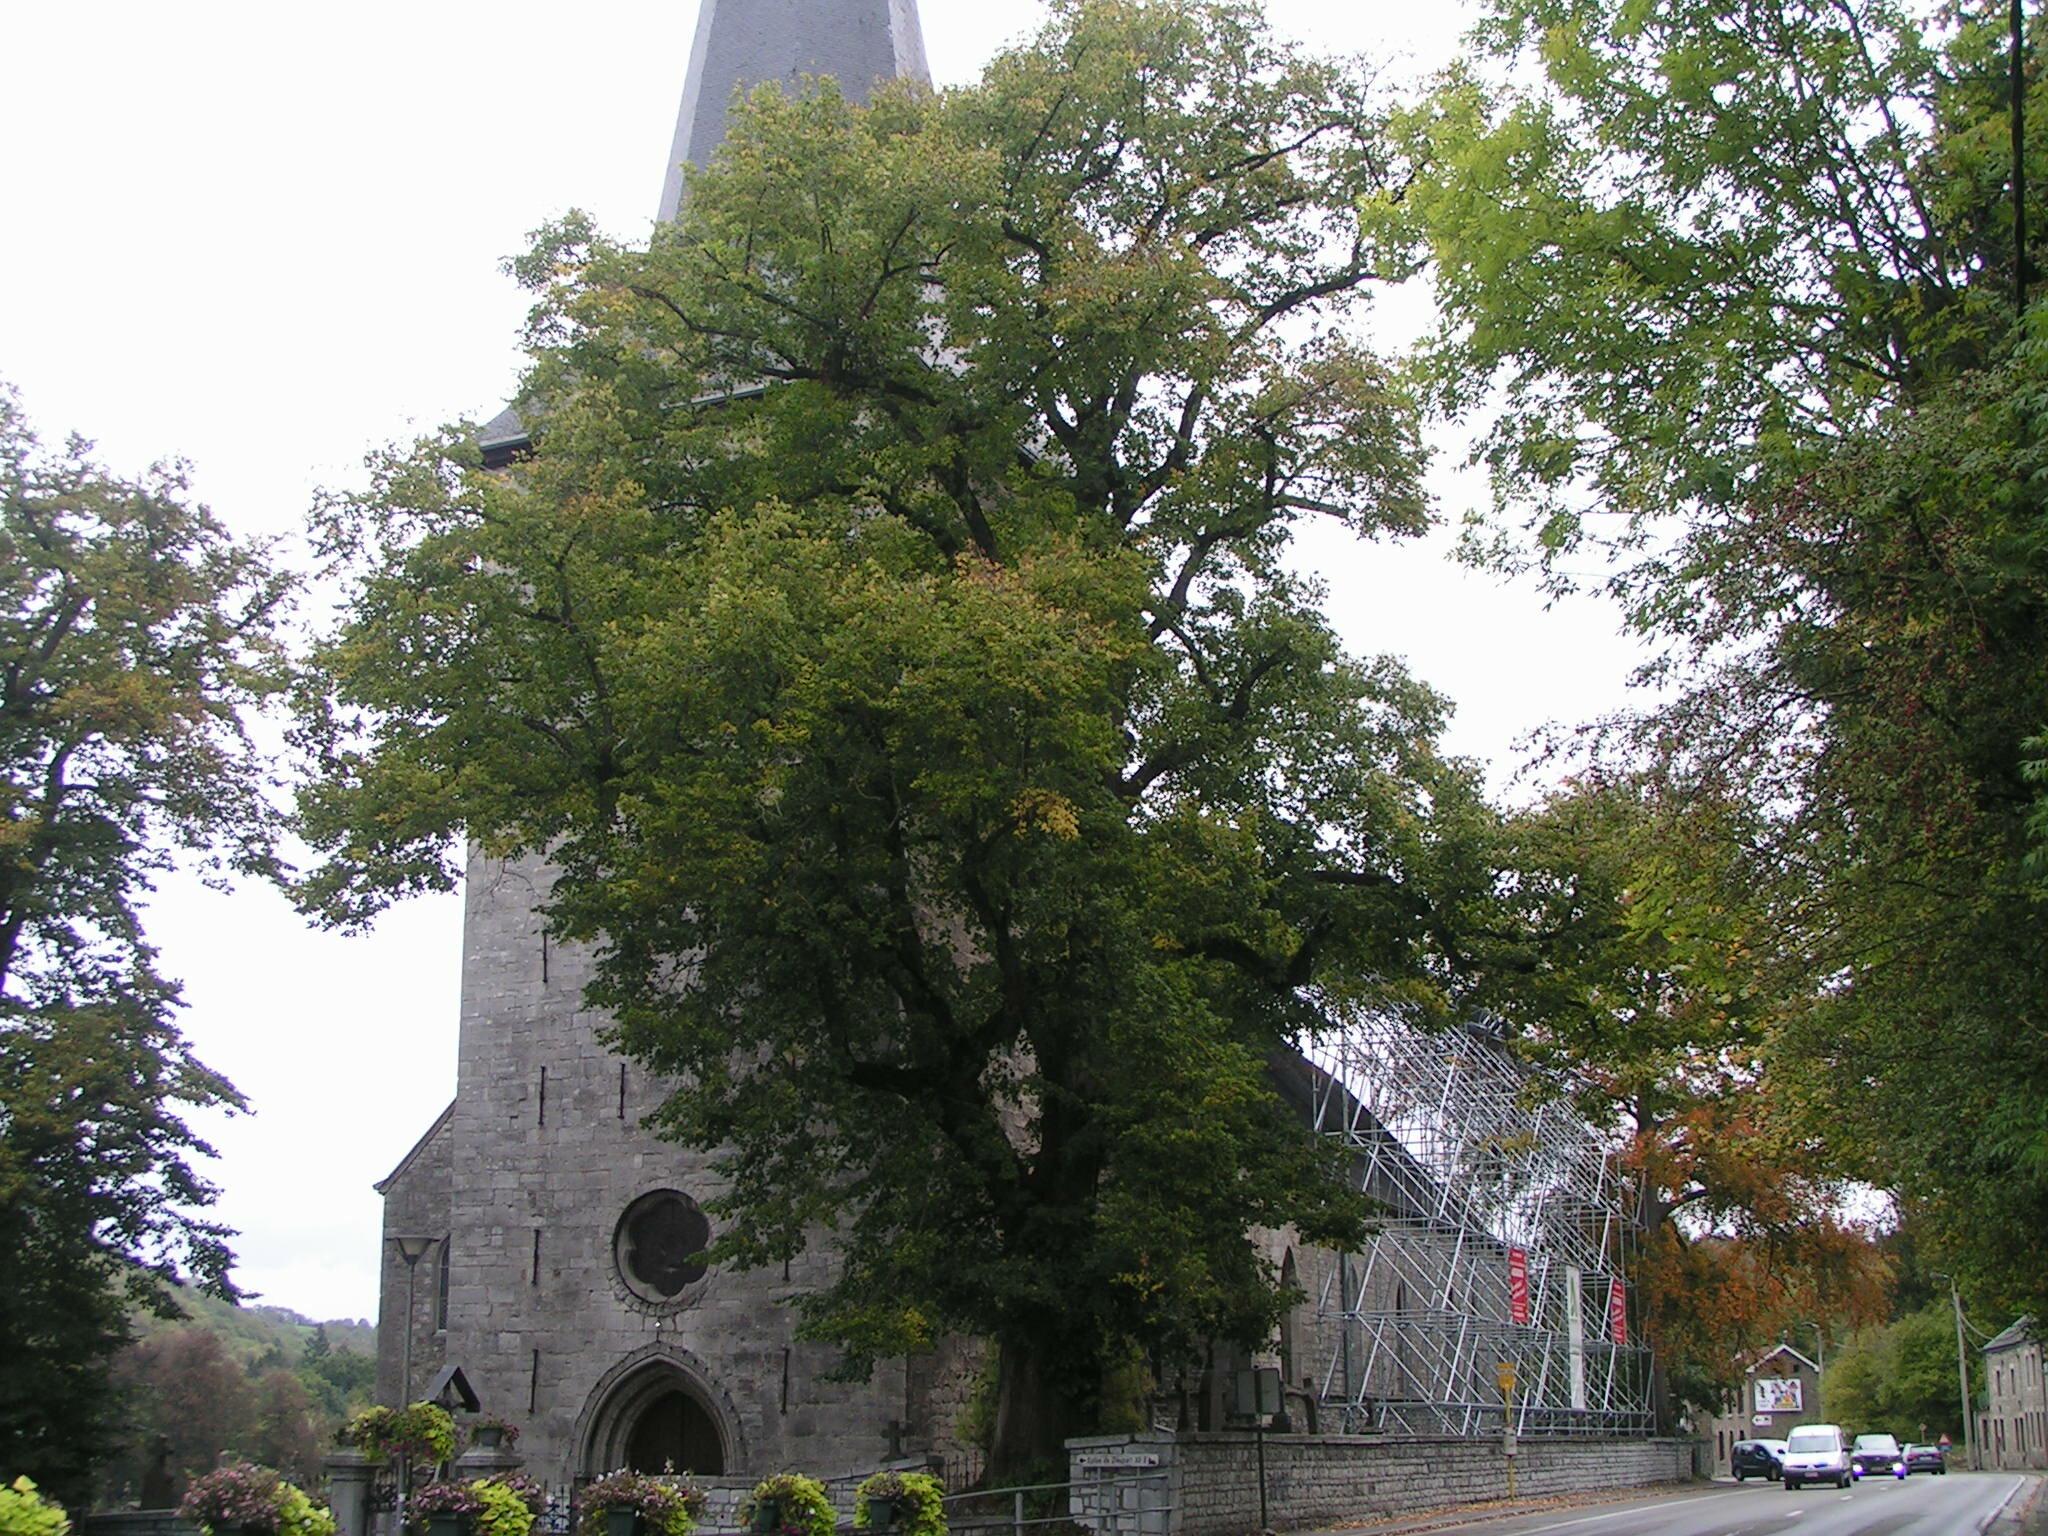 Le tilleul et l'if remarquables, devant et derrière l'église de Dieupart